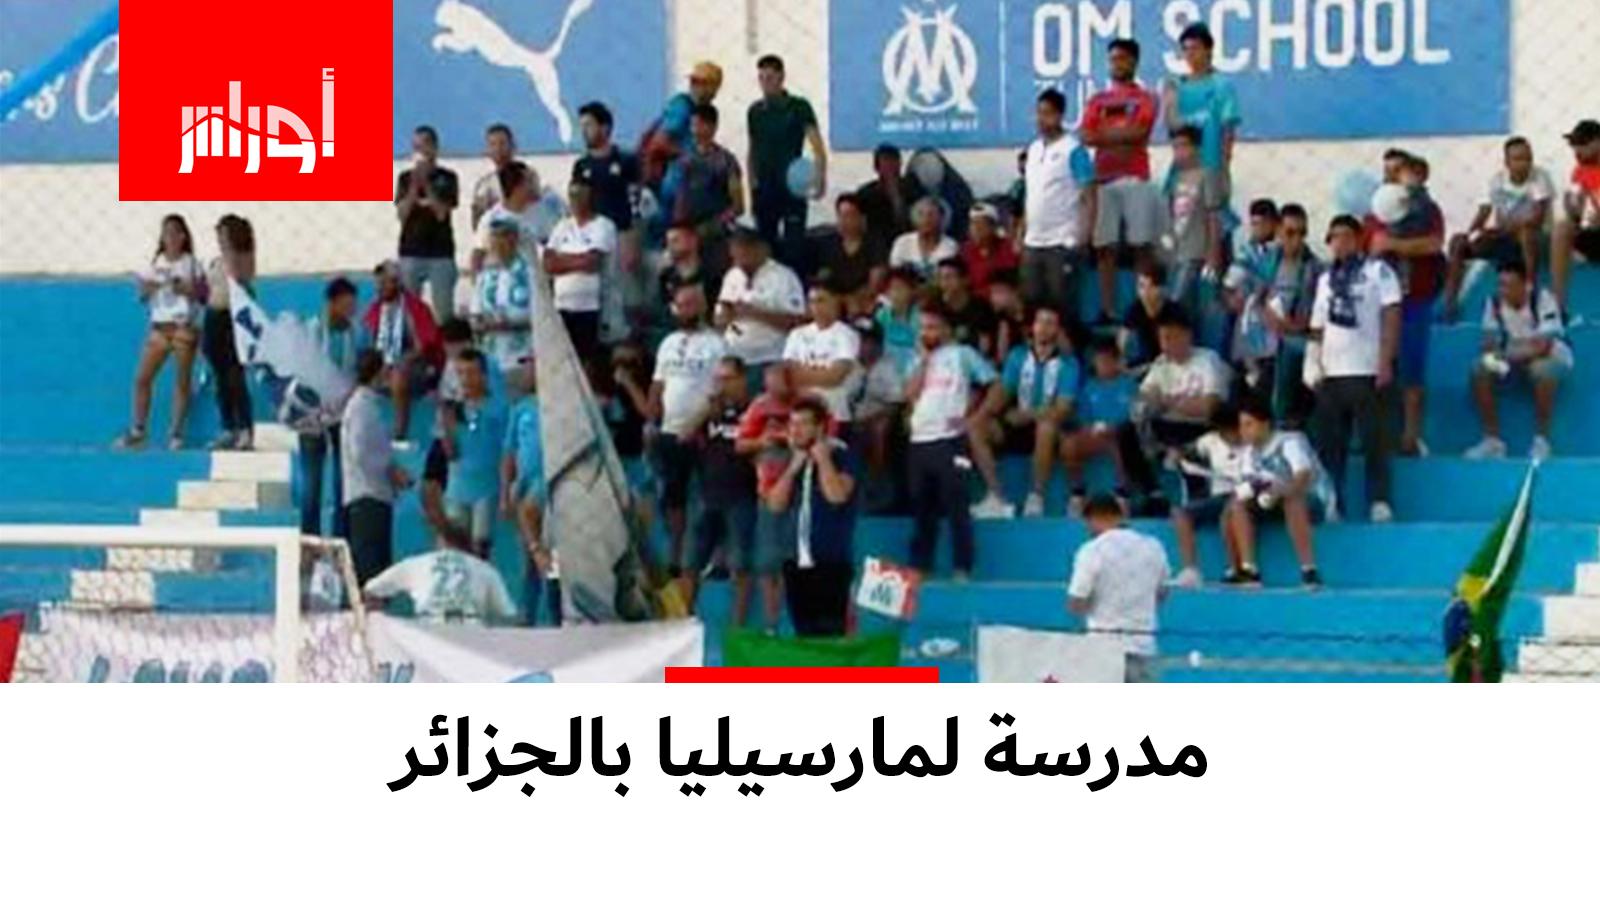 مرسيليا يفتتح أول مدرسة له بالجزائر.. سبق أن افتتحت نفس المشروع في دولة مجاورة